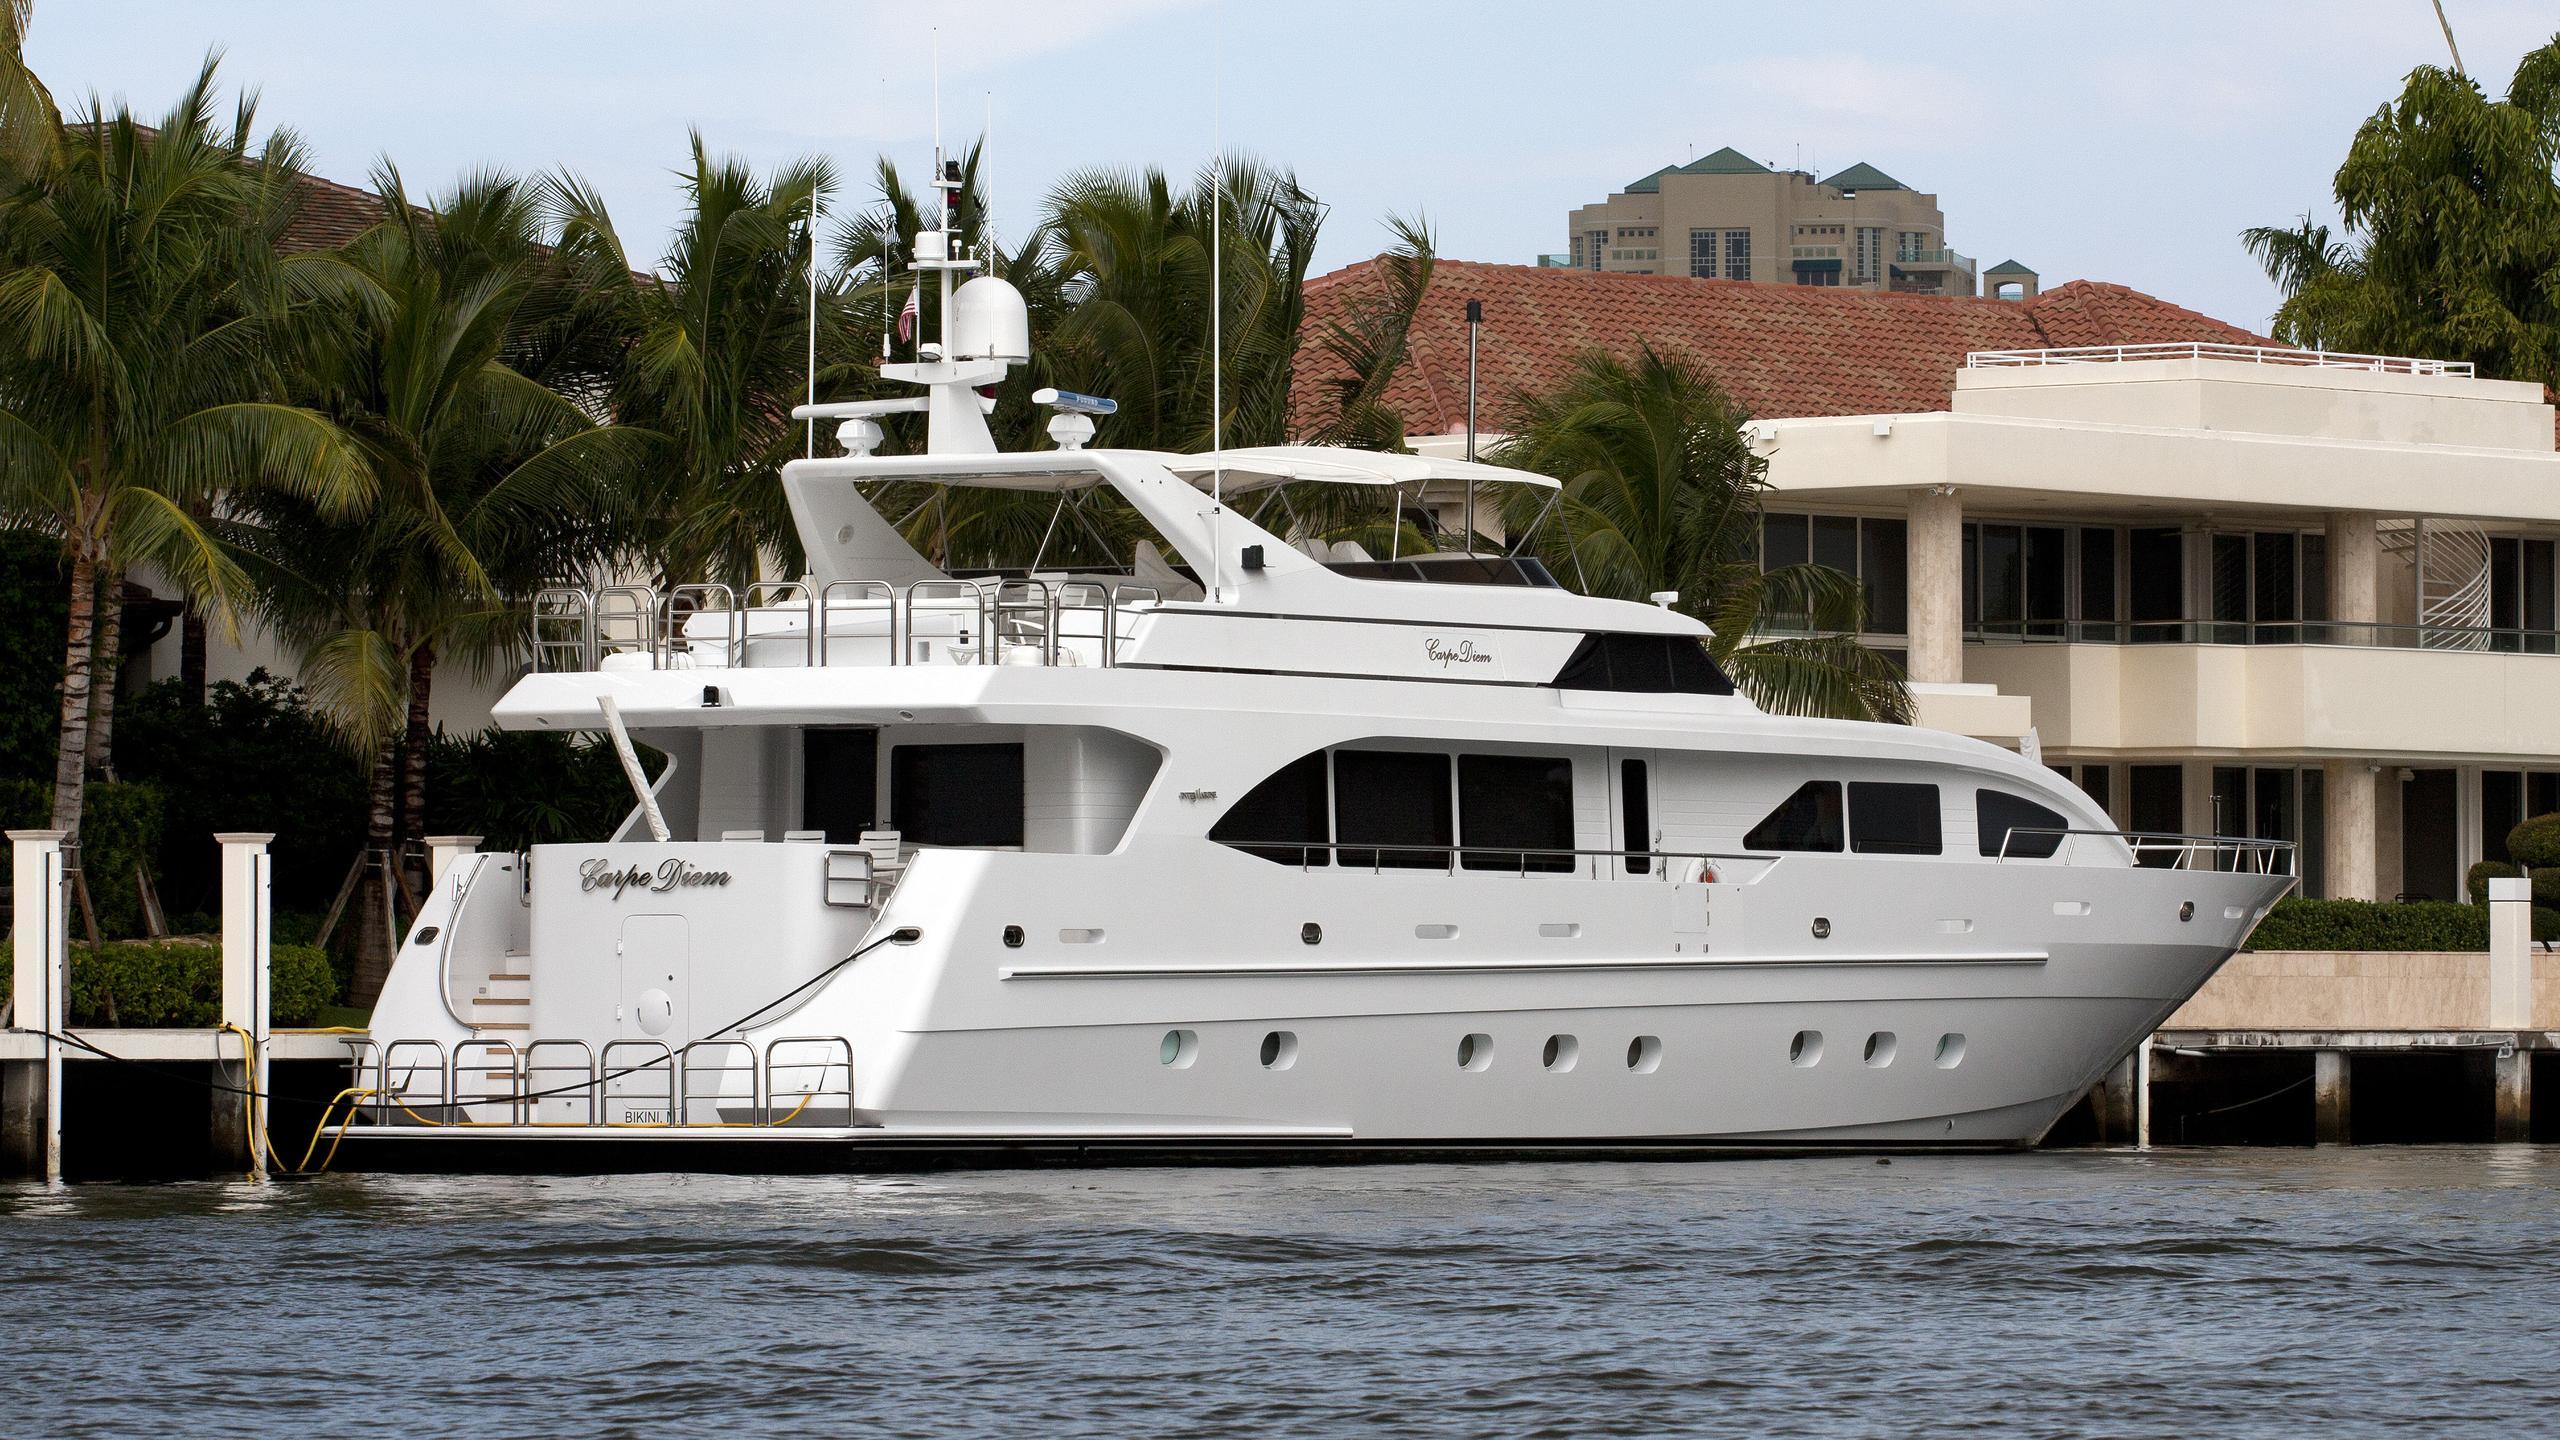 carpe-diem-yacht-exterior